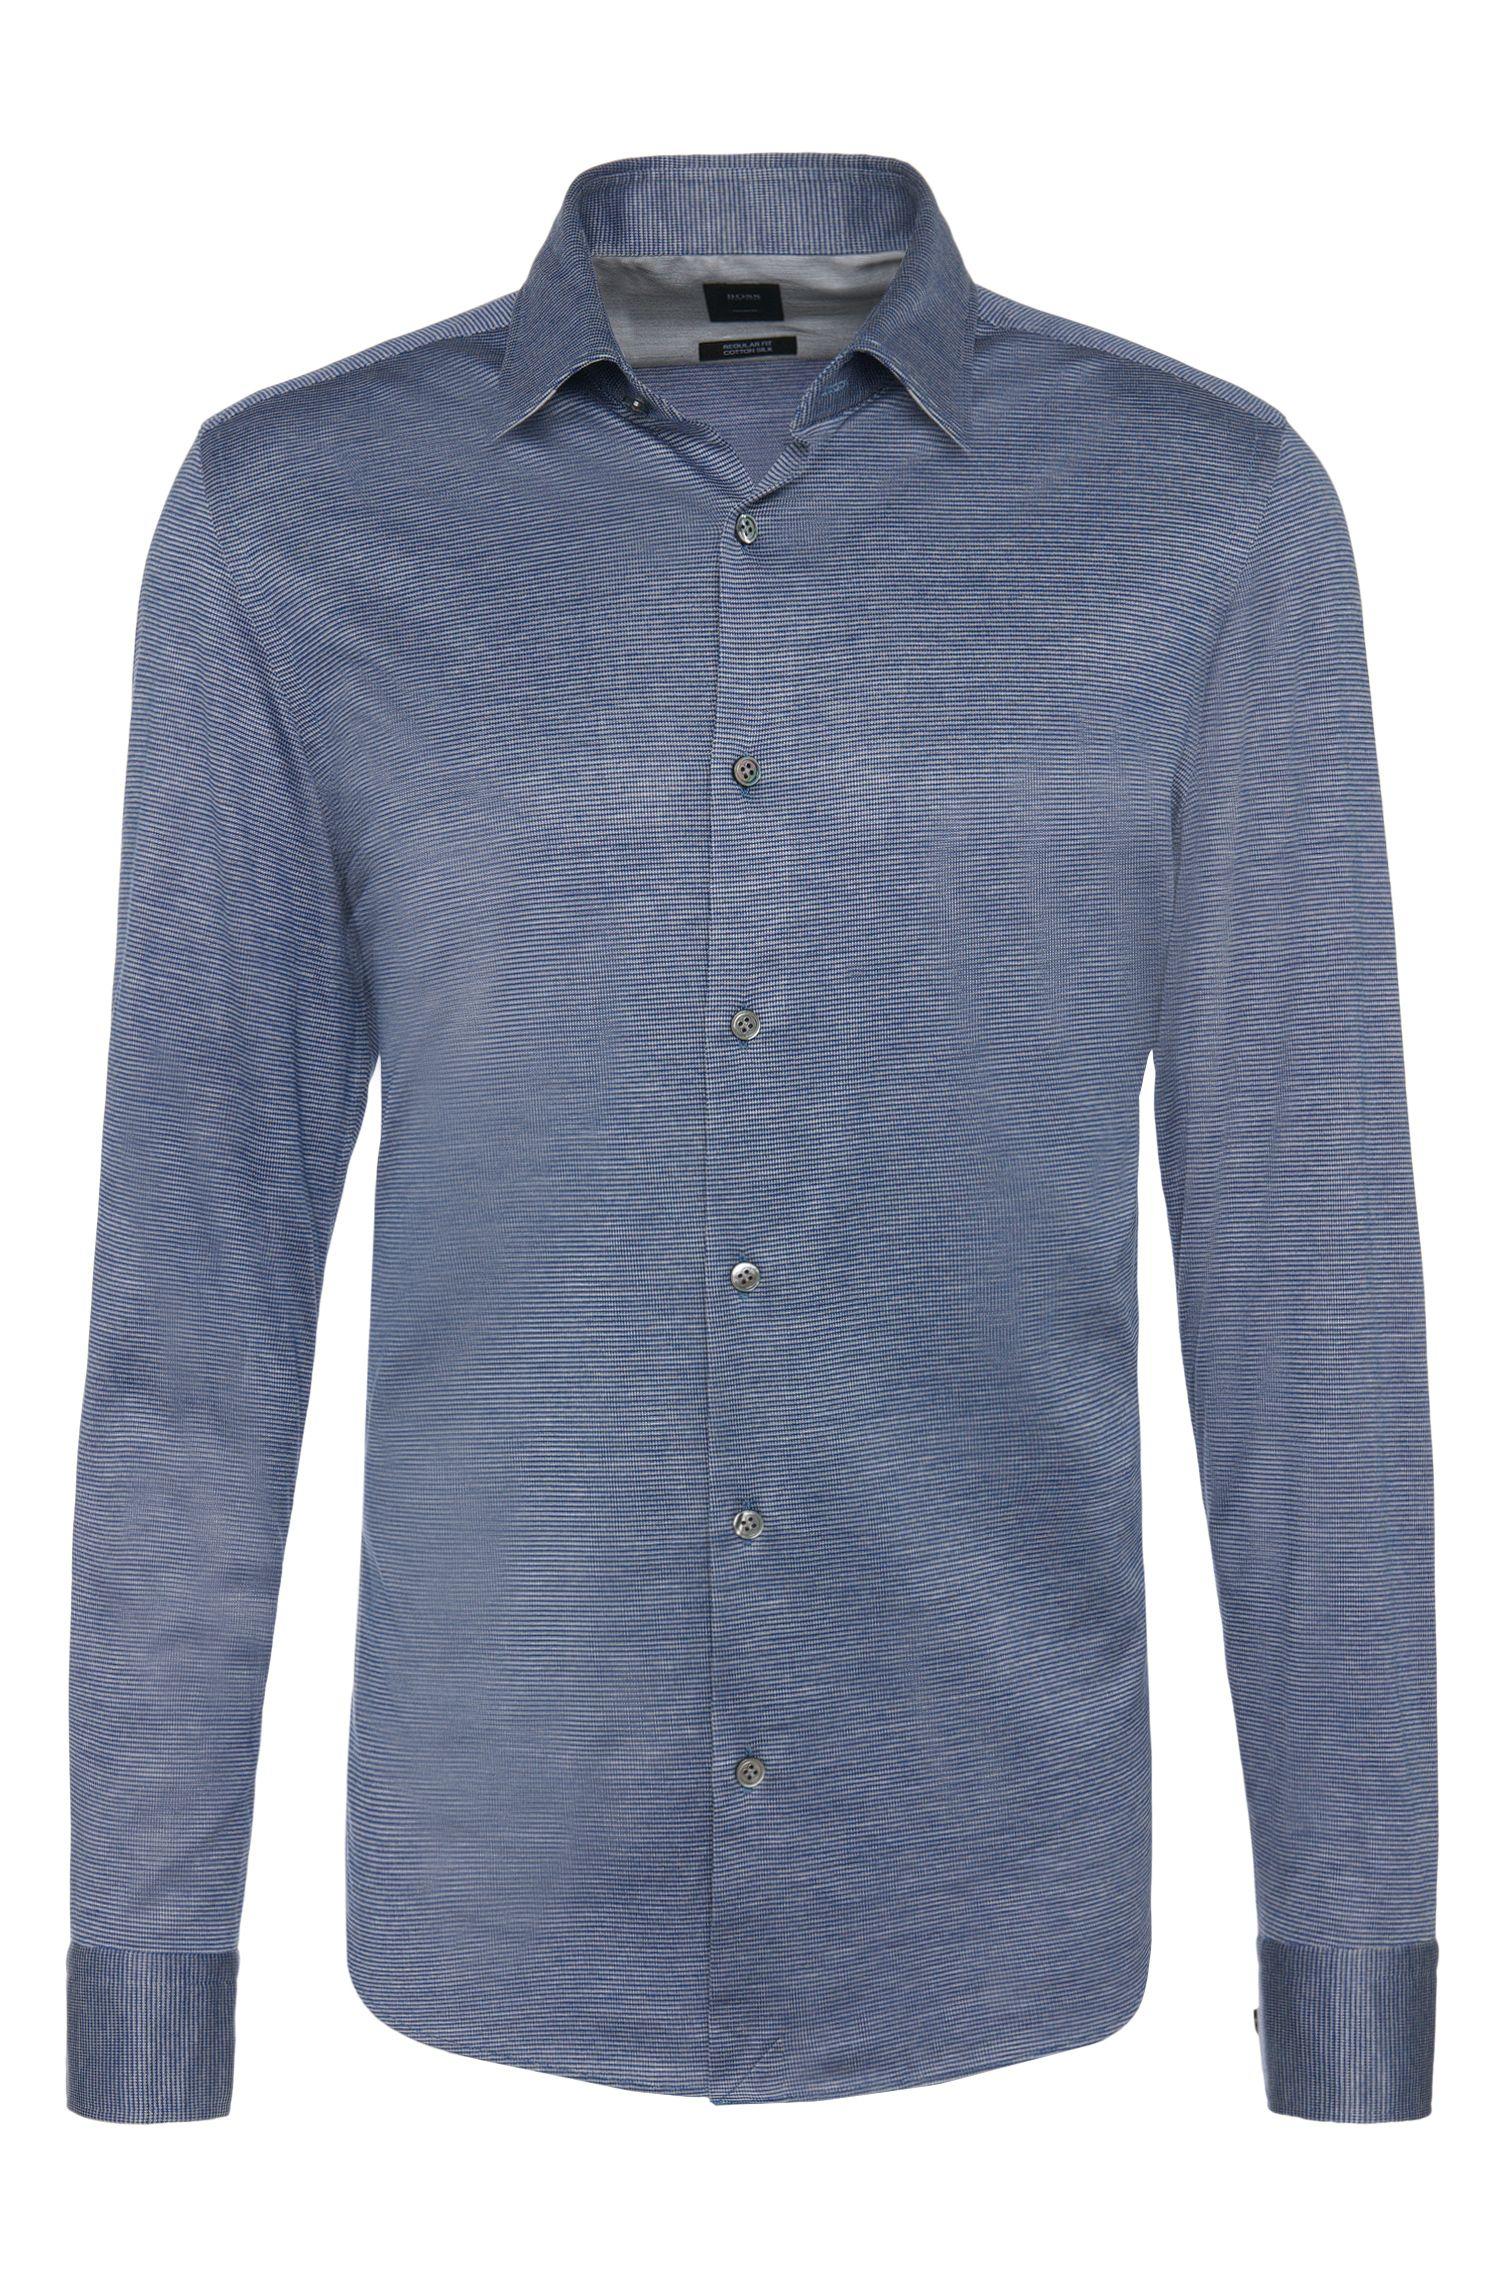 'T-Landon' | Regular Fit, Italian Silk Cotton Jersey Button Down Shirt